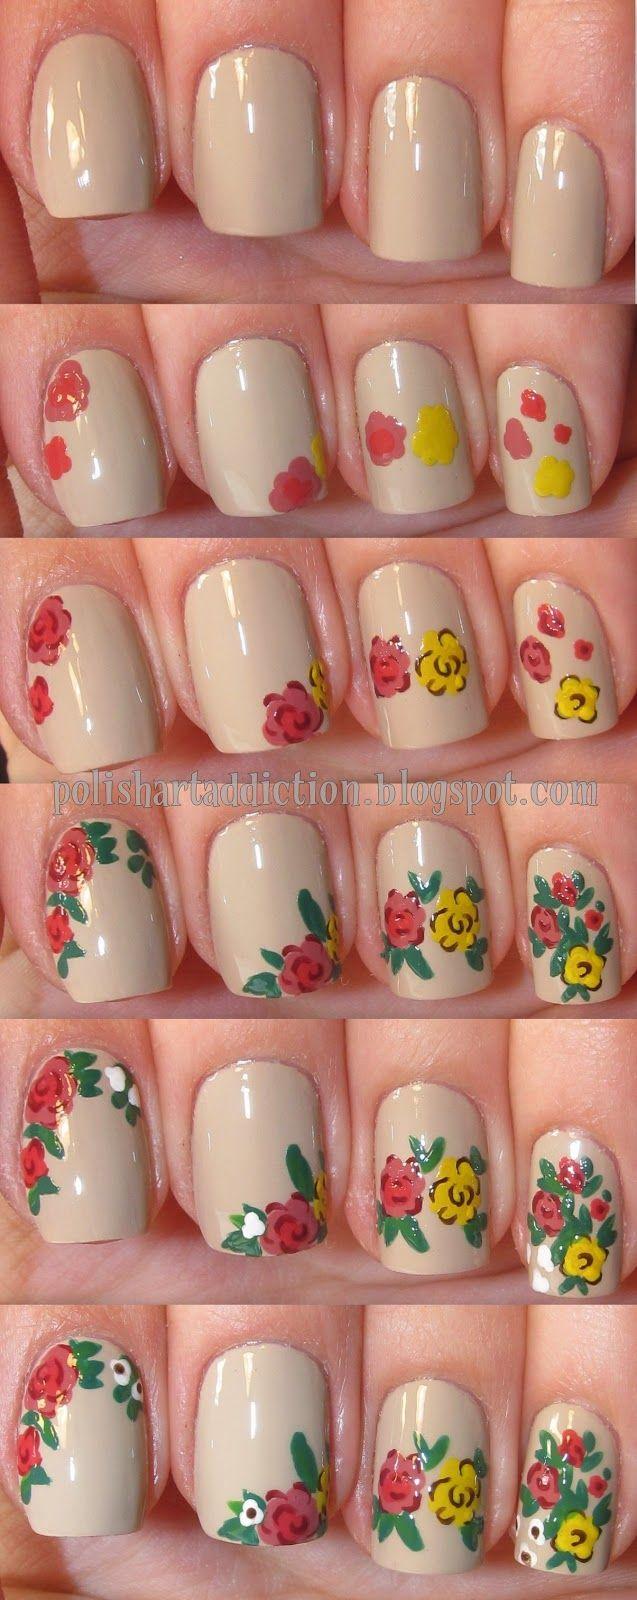 Pinned by simplenailarttips tutorials nail art design simplenailarttips tutorials nail art design ideas polish art prinsesfo Choice Image